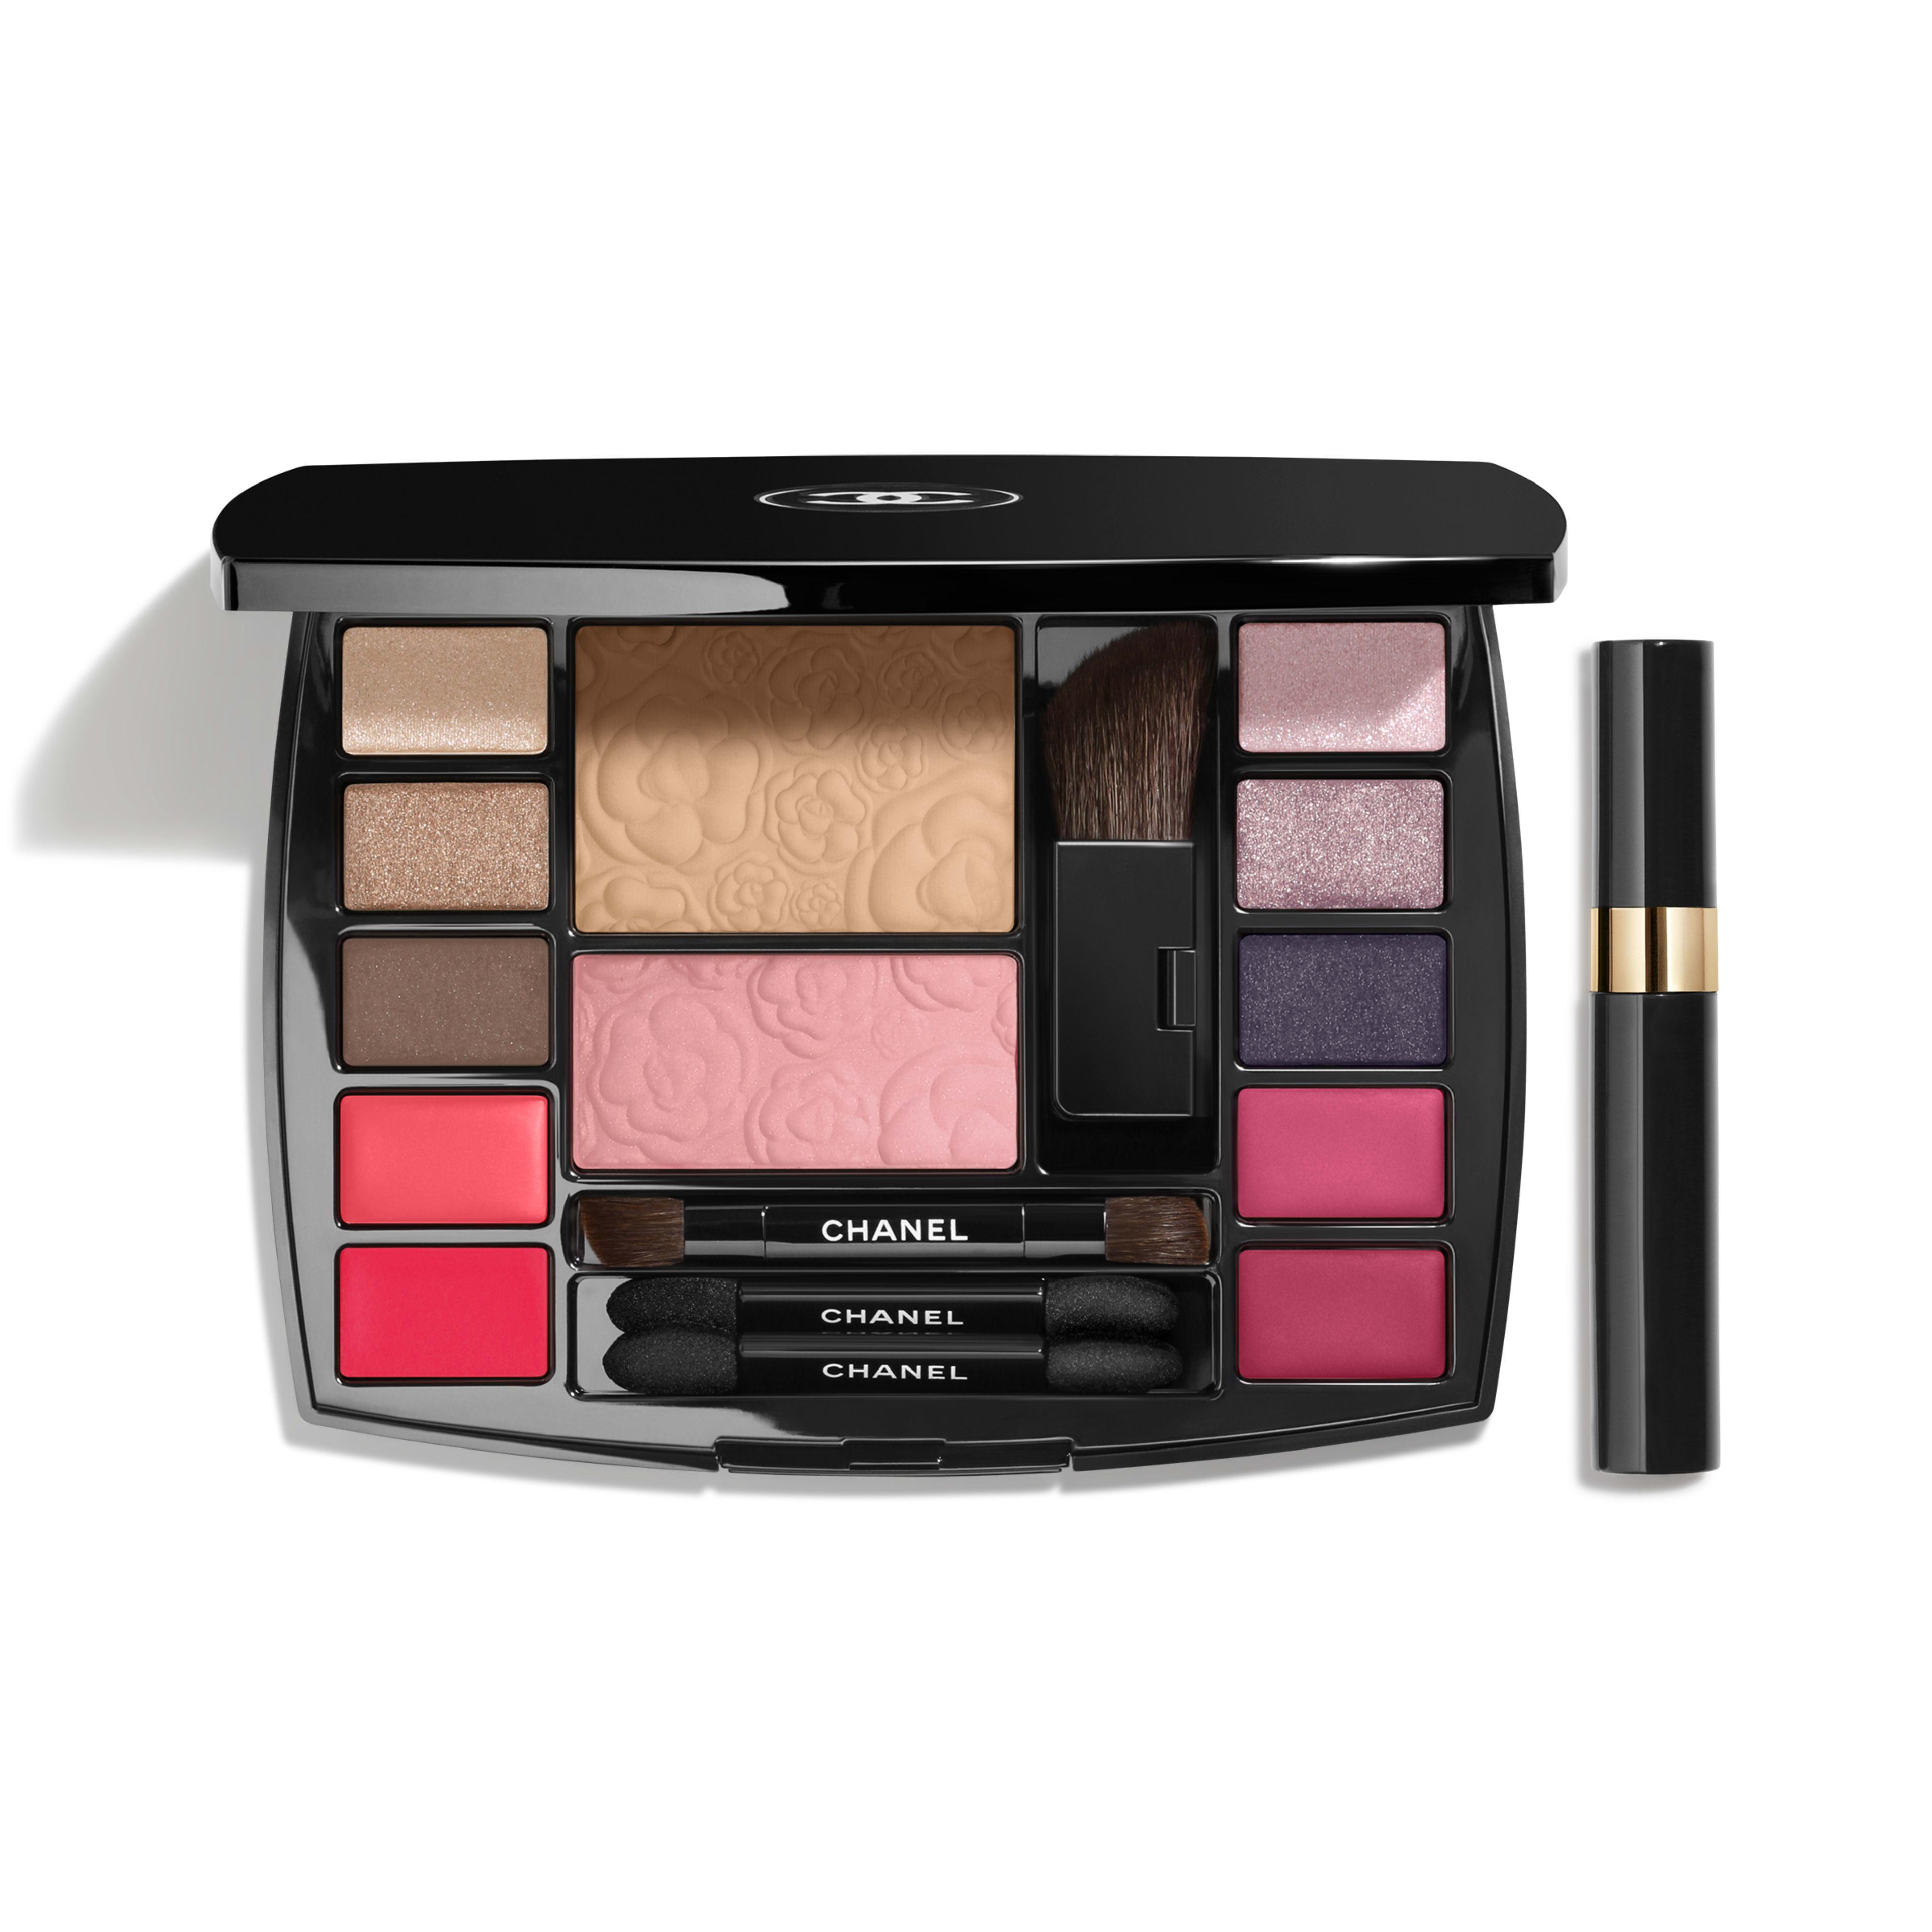 c5f9dc38f7d1 TRAVEL MAKEUP PALETTE Makeup Essentials with Travel Mascara in Harmonie de  Camélias